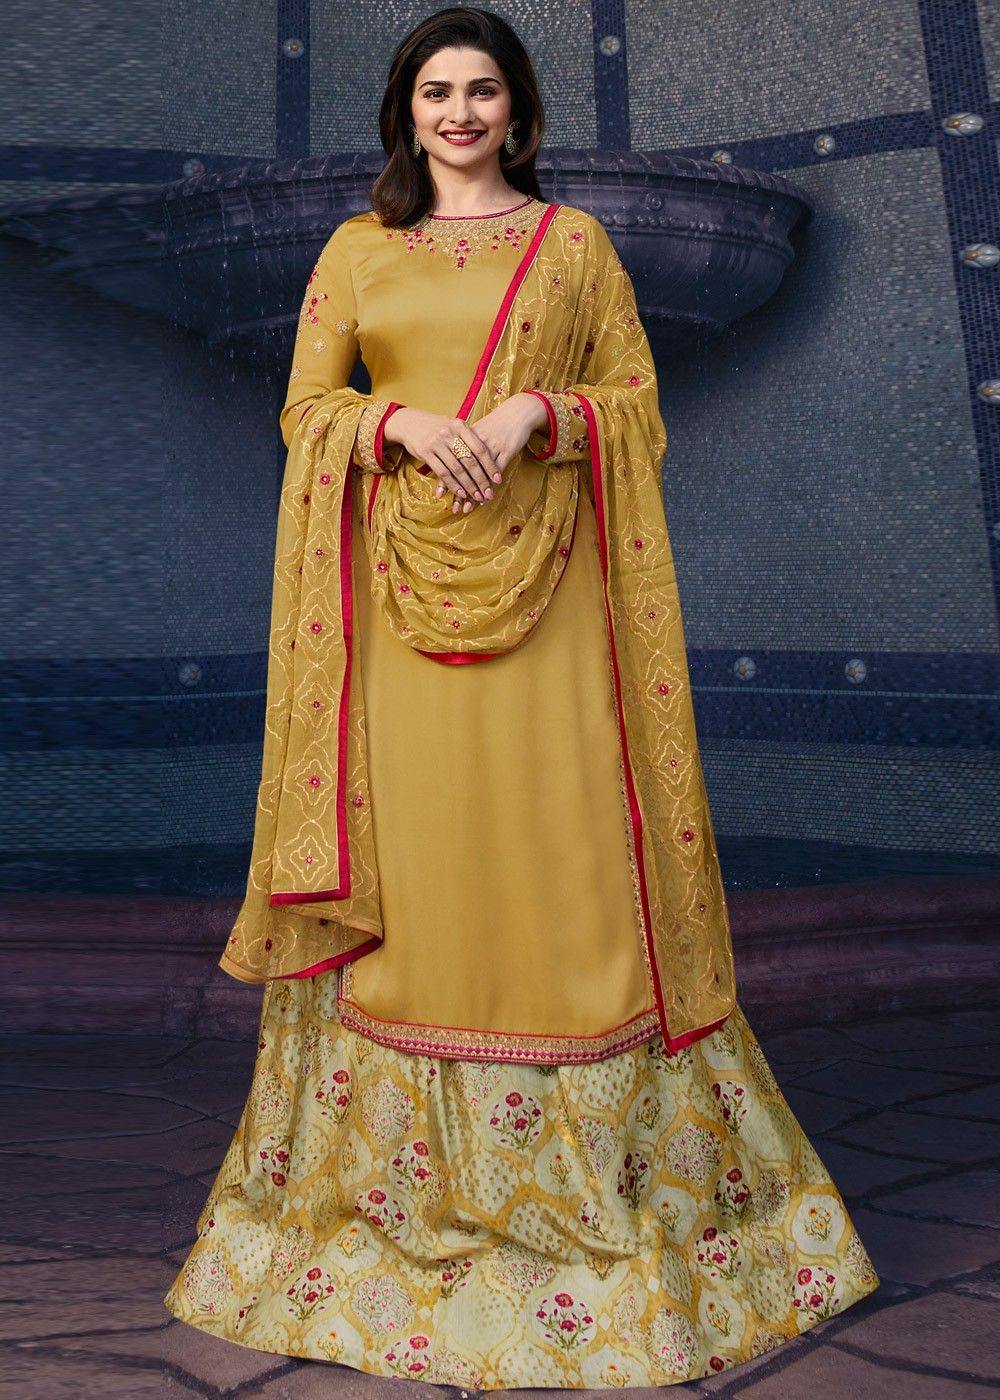 ed21002da4 #lehengadesign #Lehengawedding #Designerdressesindian #womenfashion #dresses  #ladiesfashion #fashiontips #womenoutfits #ethnicfashion #fashiondesigners  ...